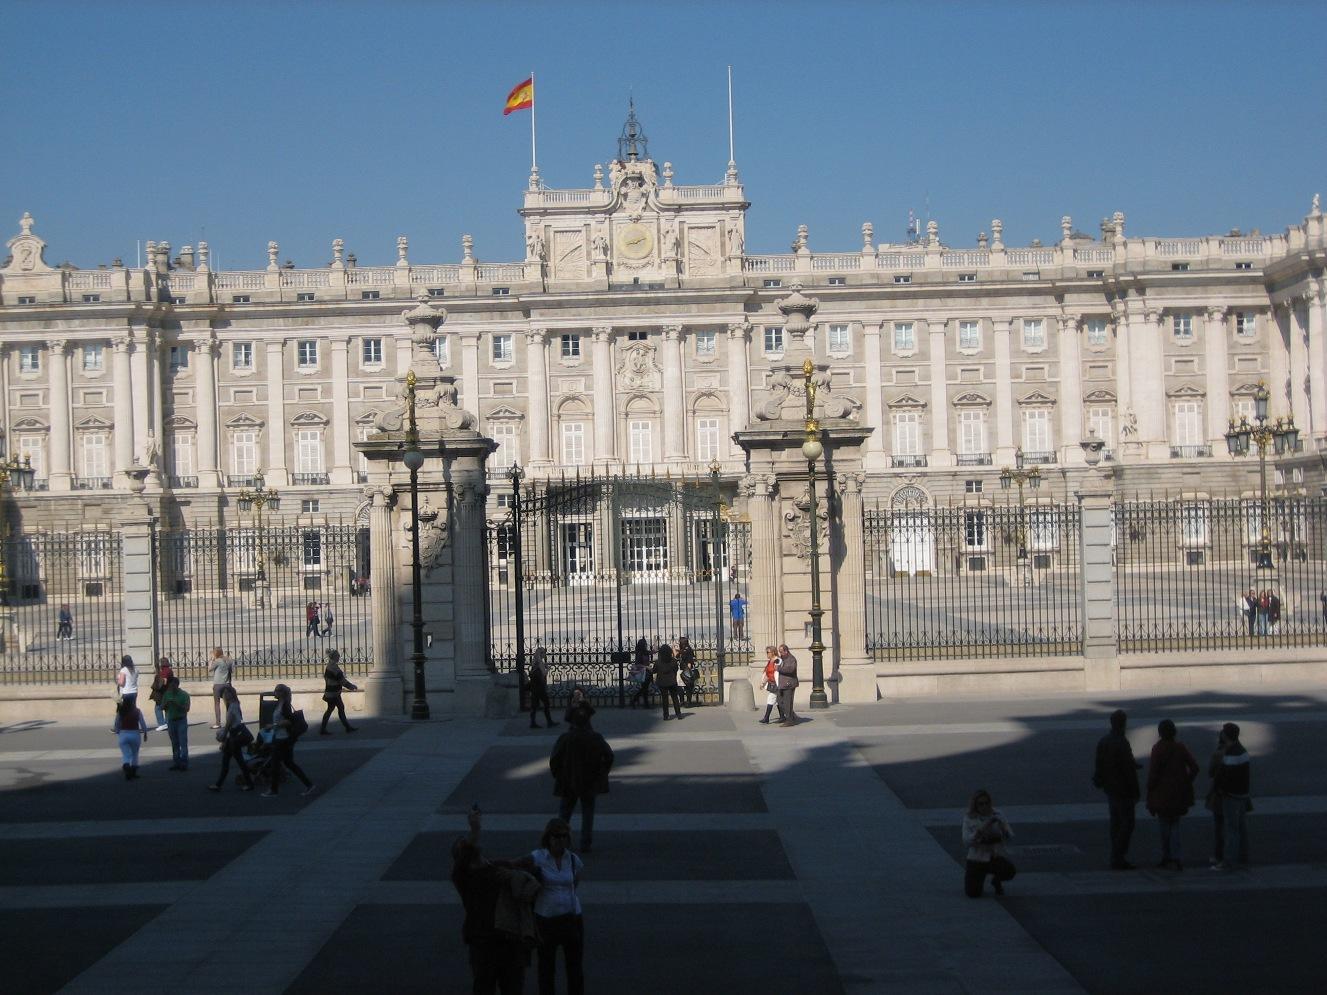 Visitare Madrid: tra Vicoletti Storici e Movida Notturna